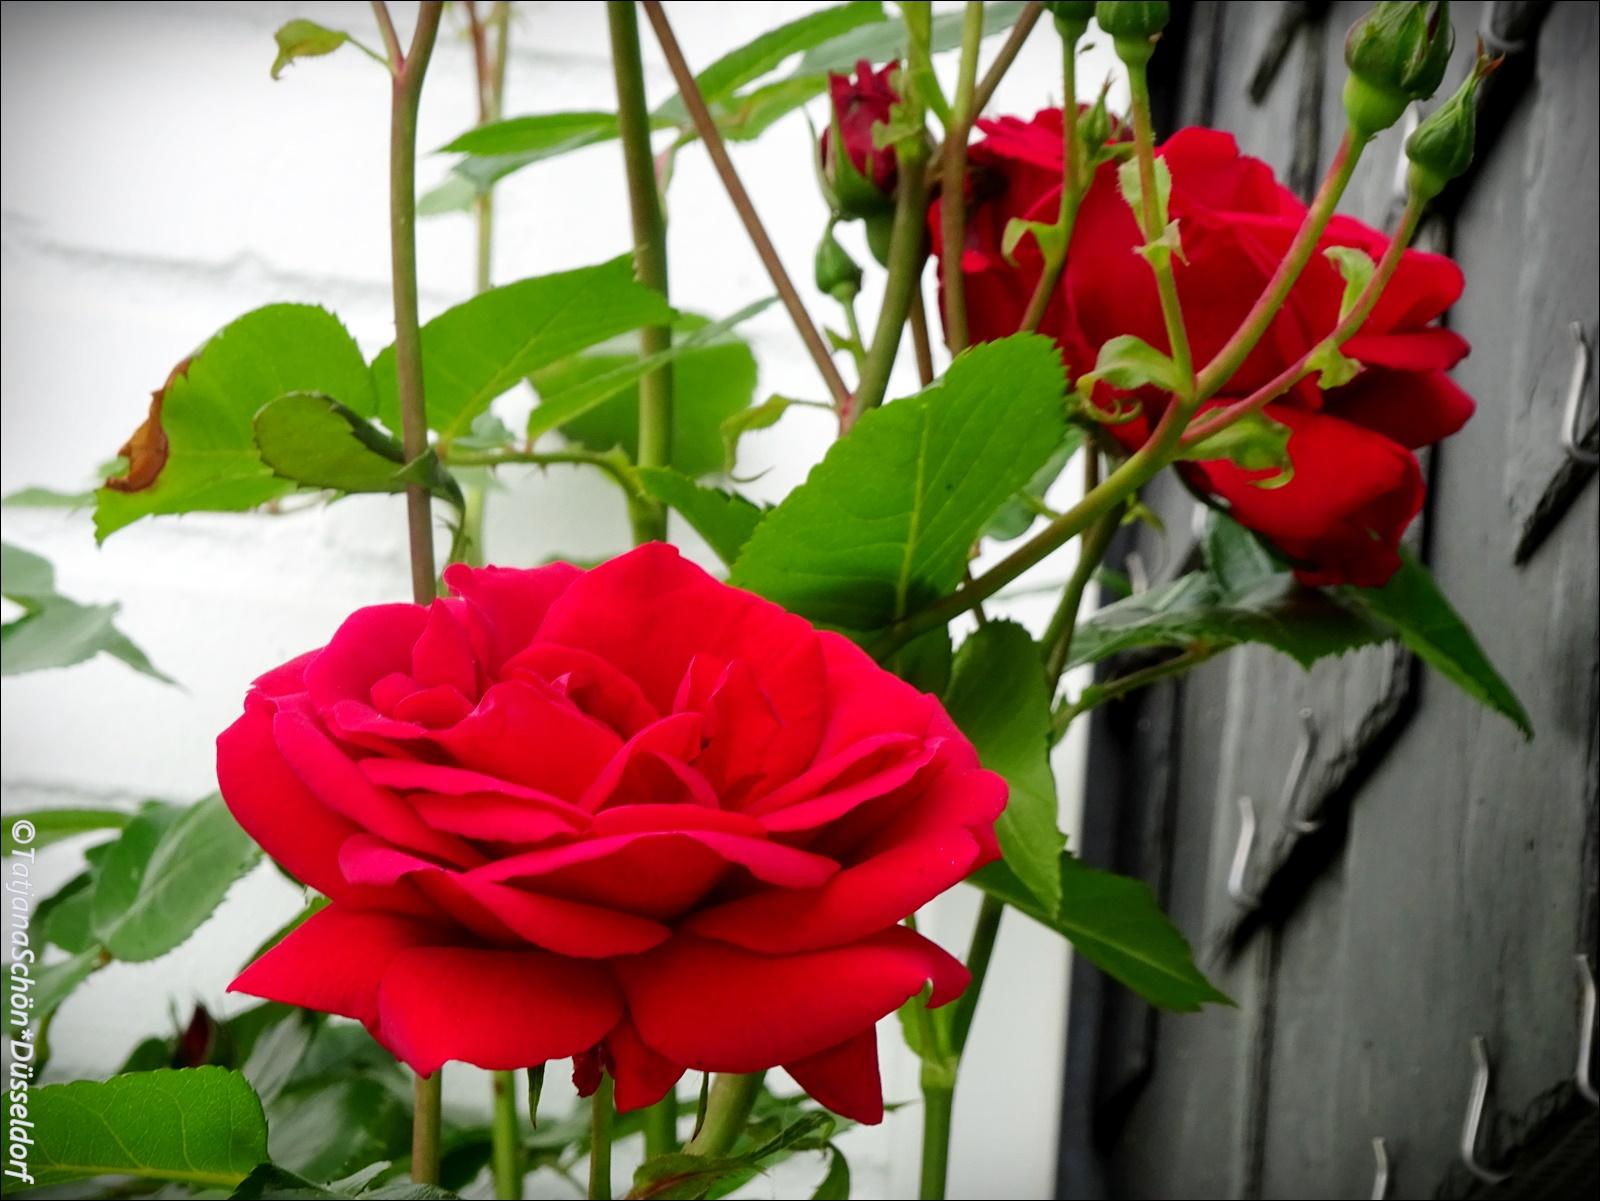 И розовый куст под крышей расцвёл!